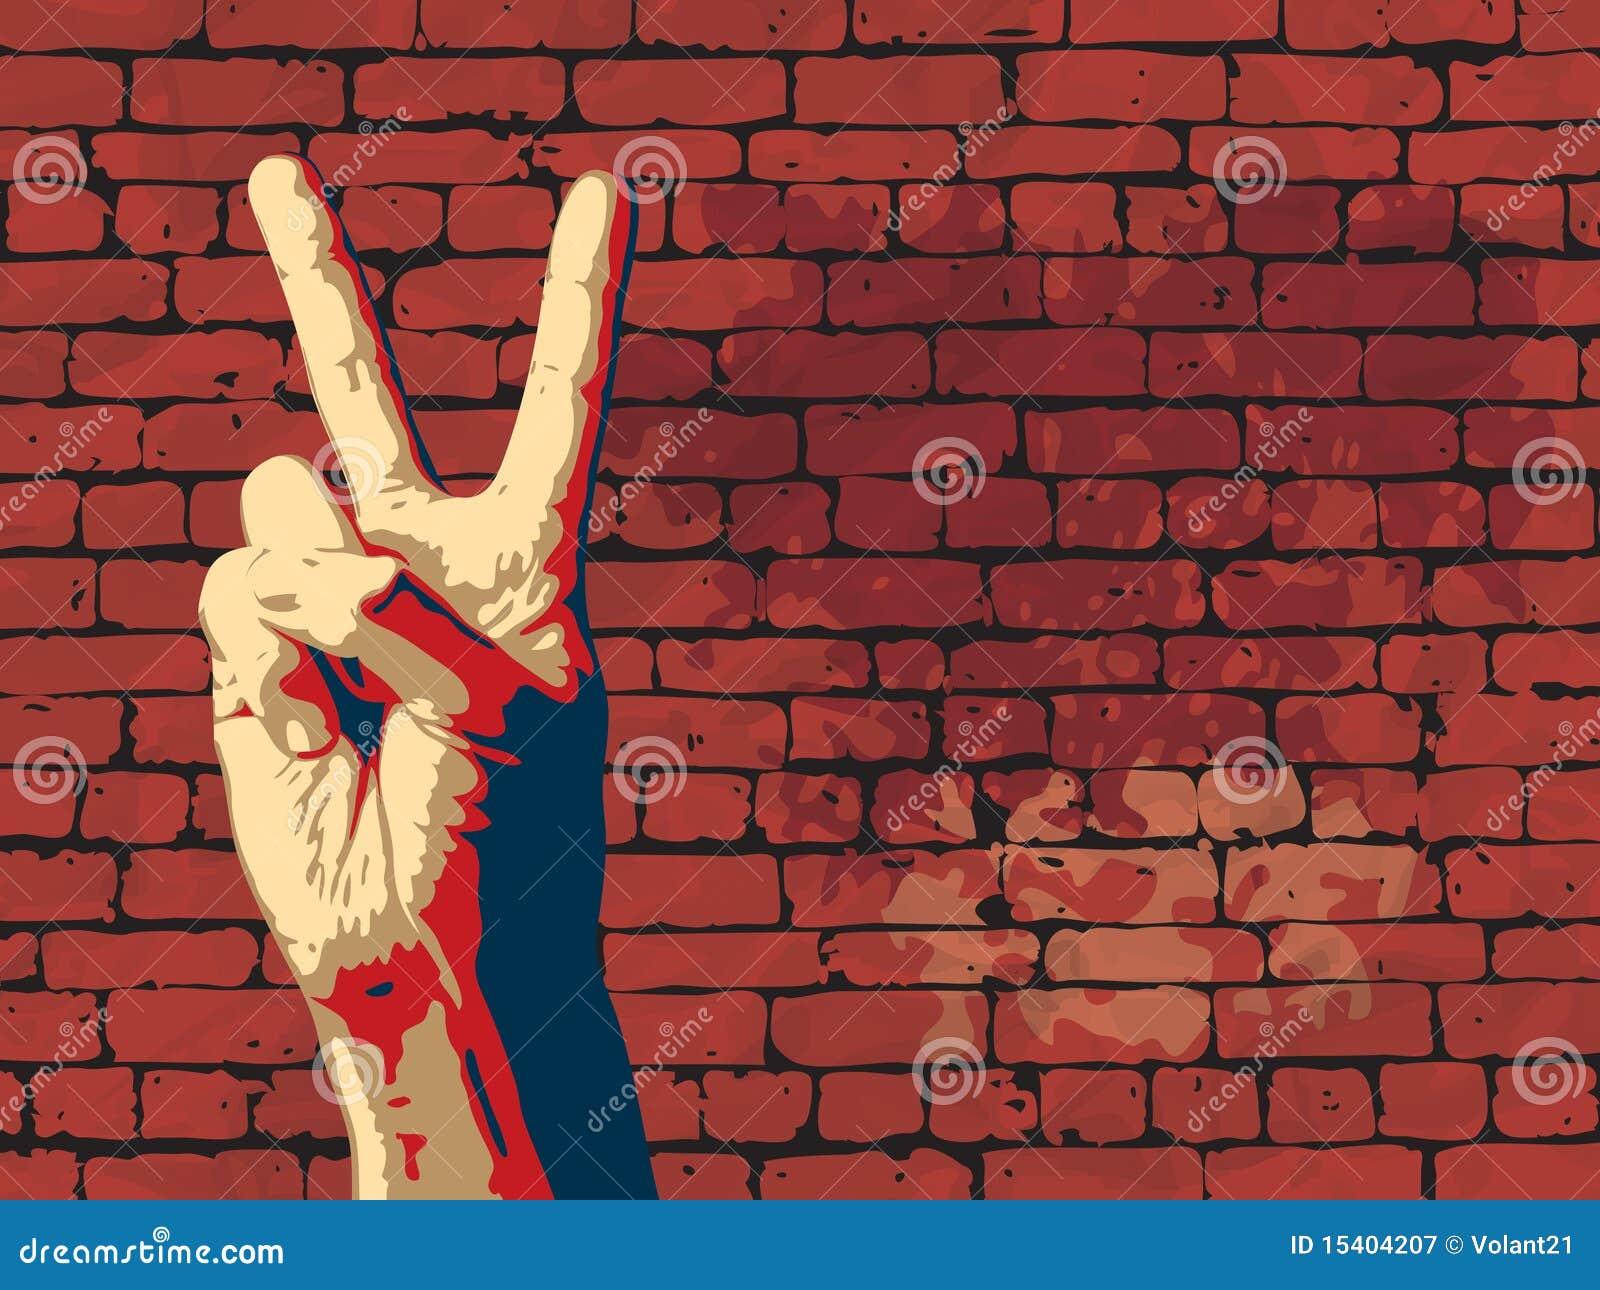 Le signe de victoire avec le fond rouge de mur de briques.